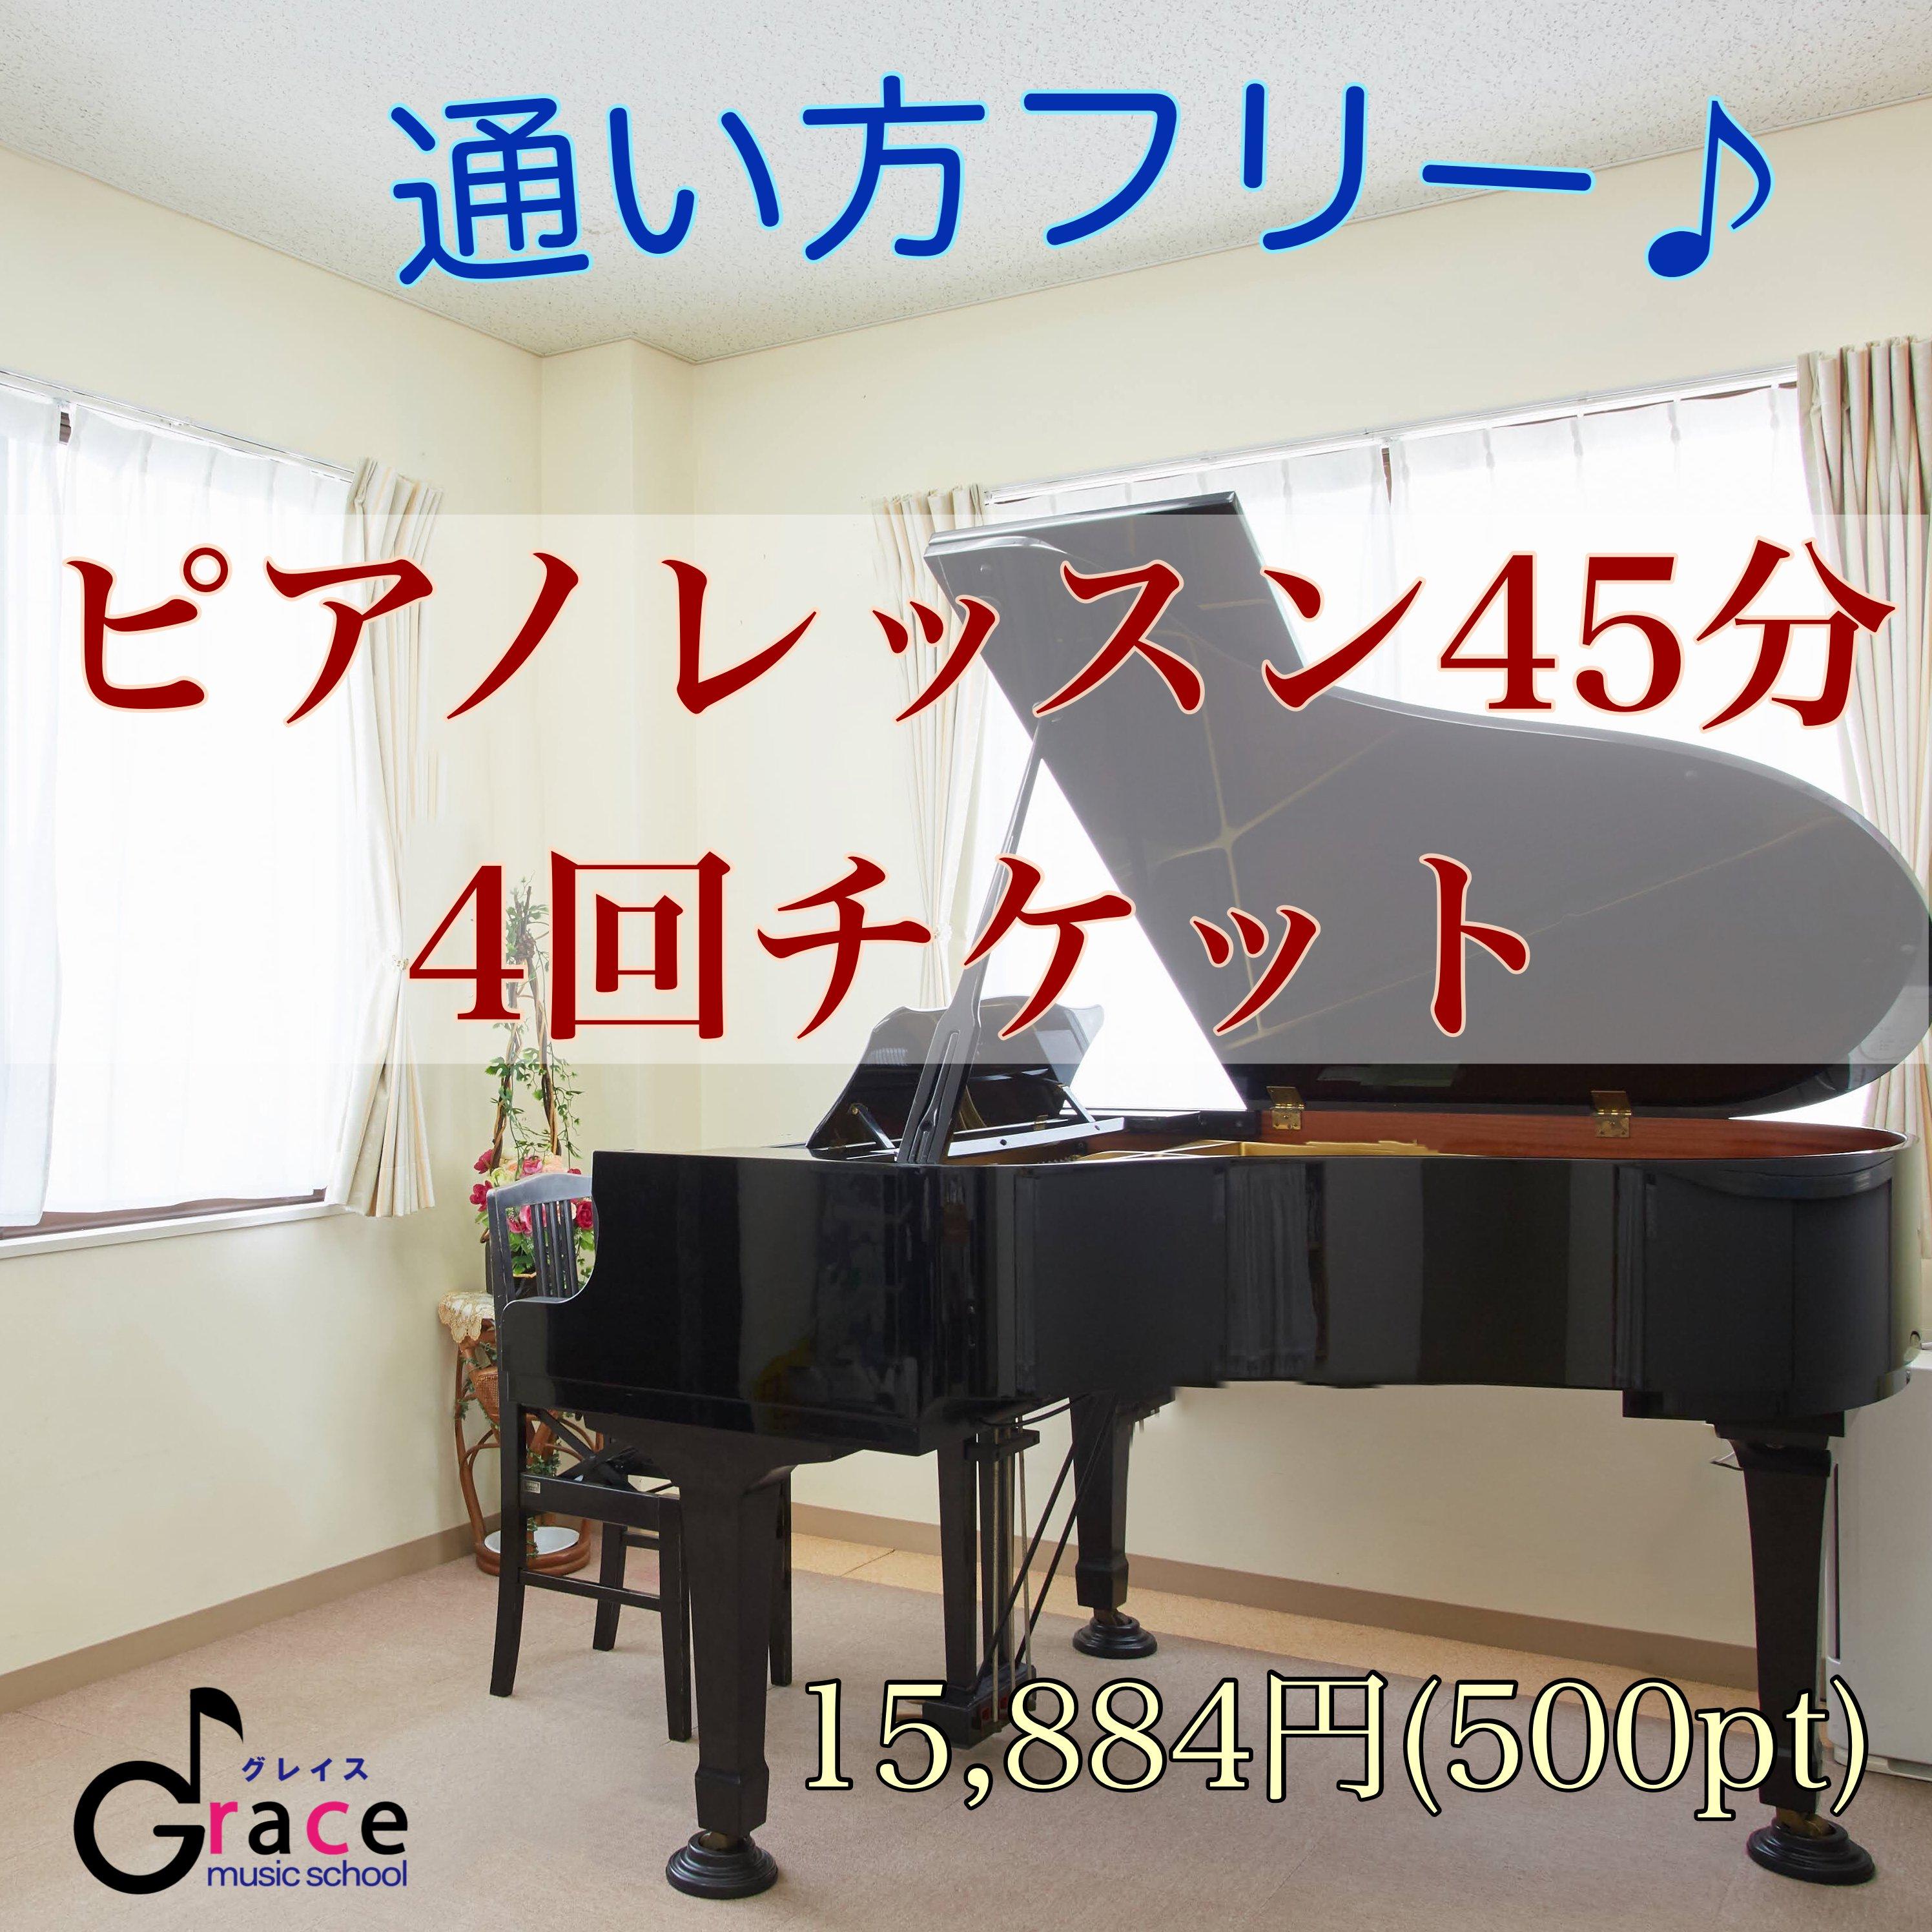 フリーピアノレッスン 45分・4回チケットのイメージその1